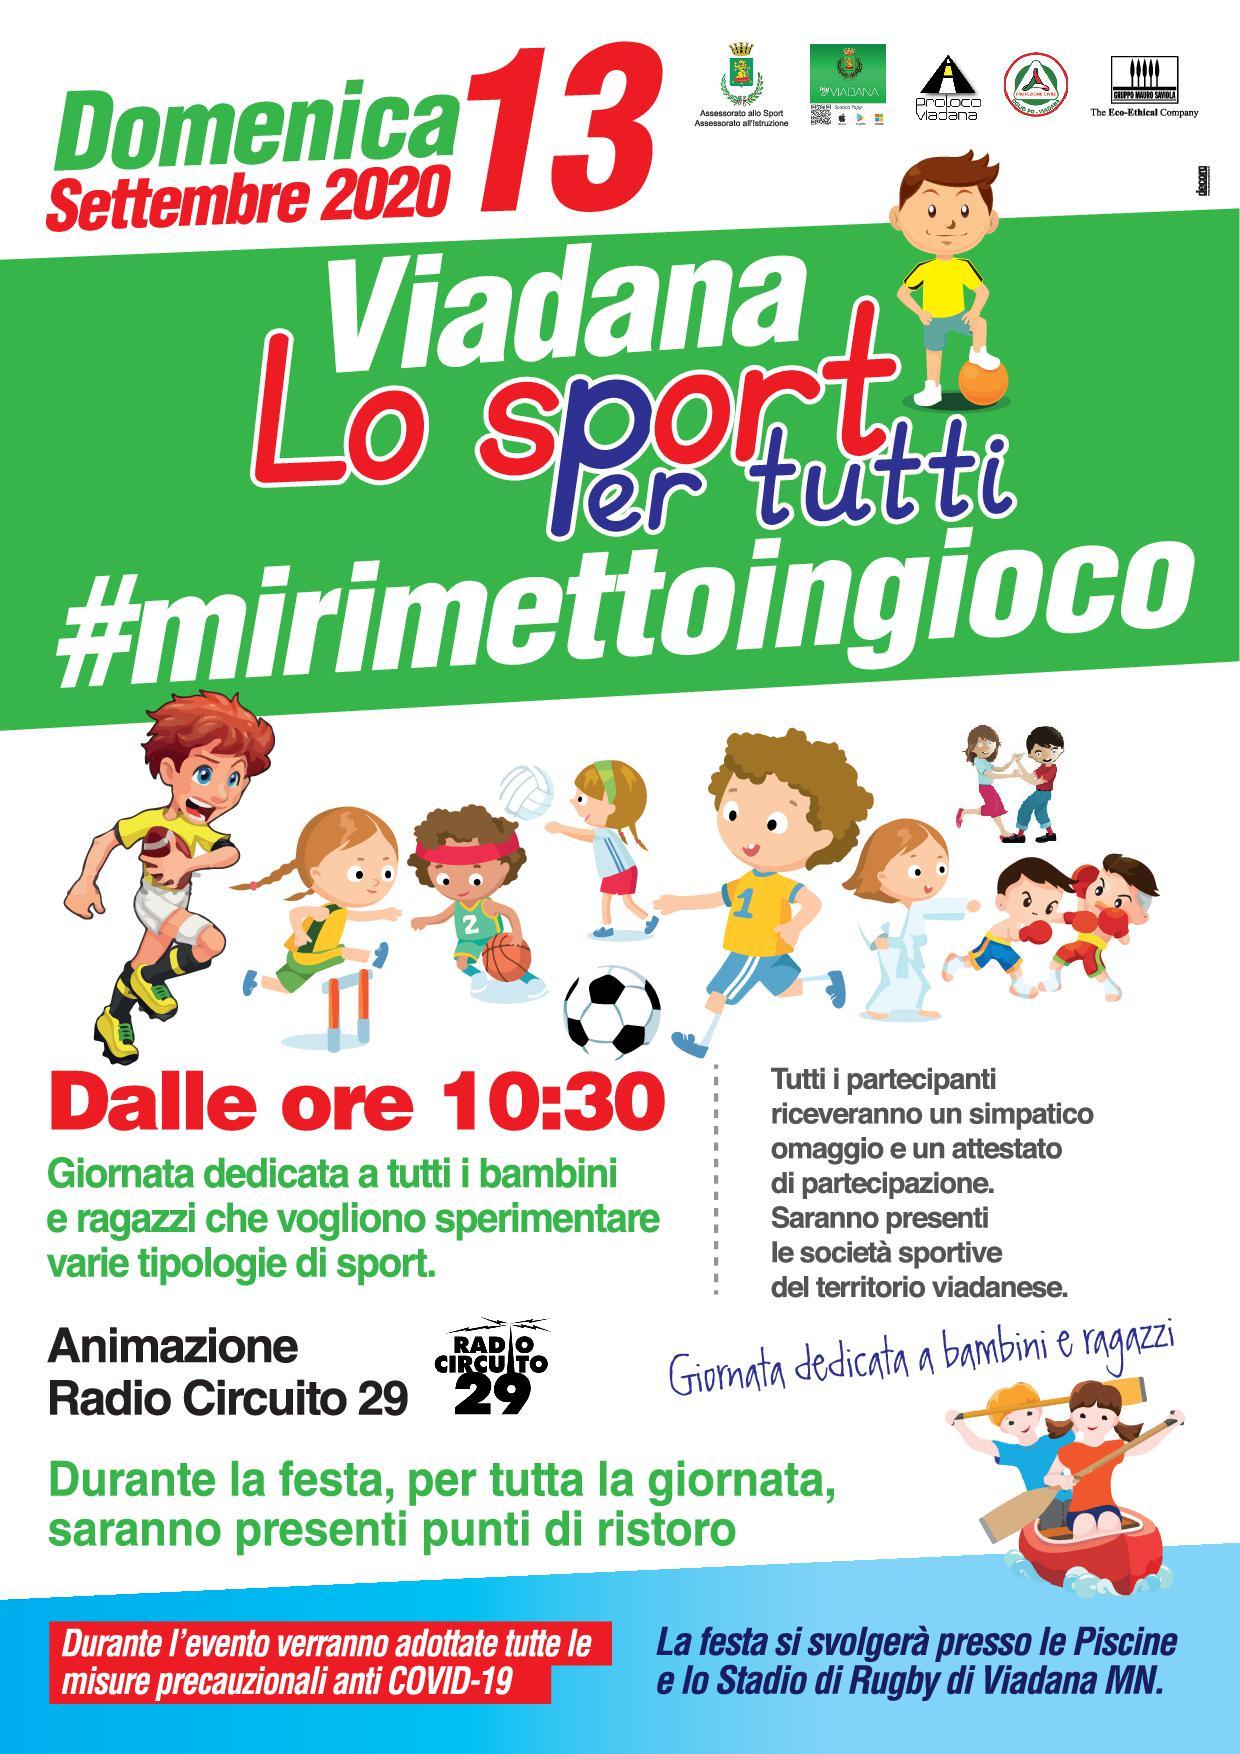 13/09/2020 - VIADANA LO SPORT PER TUTTI